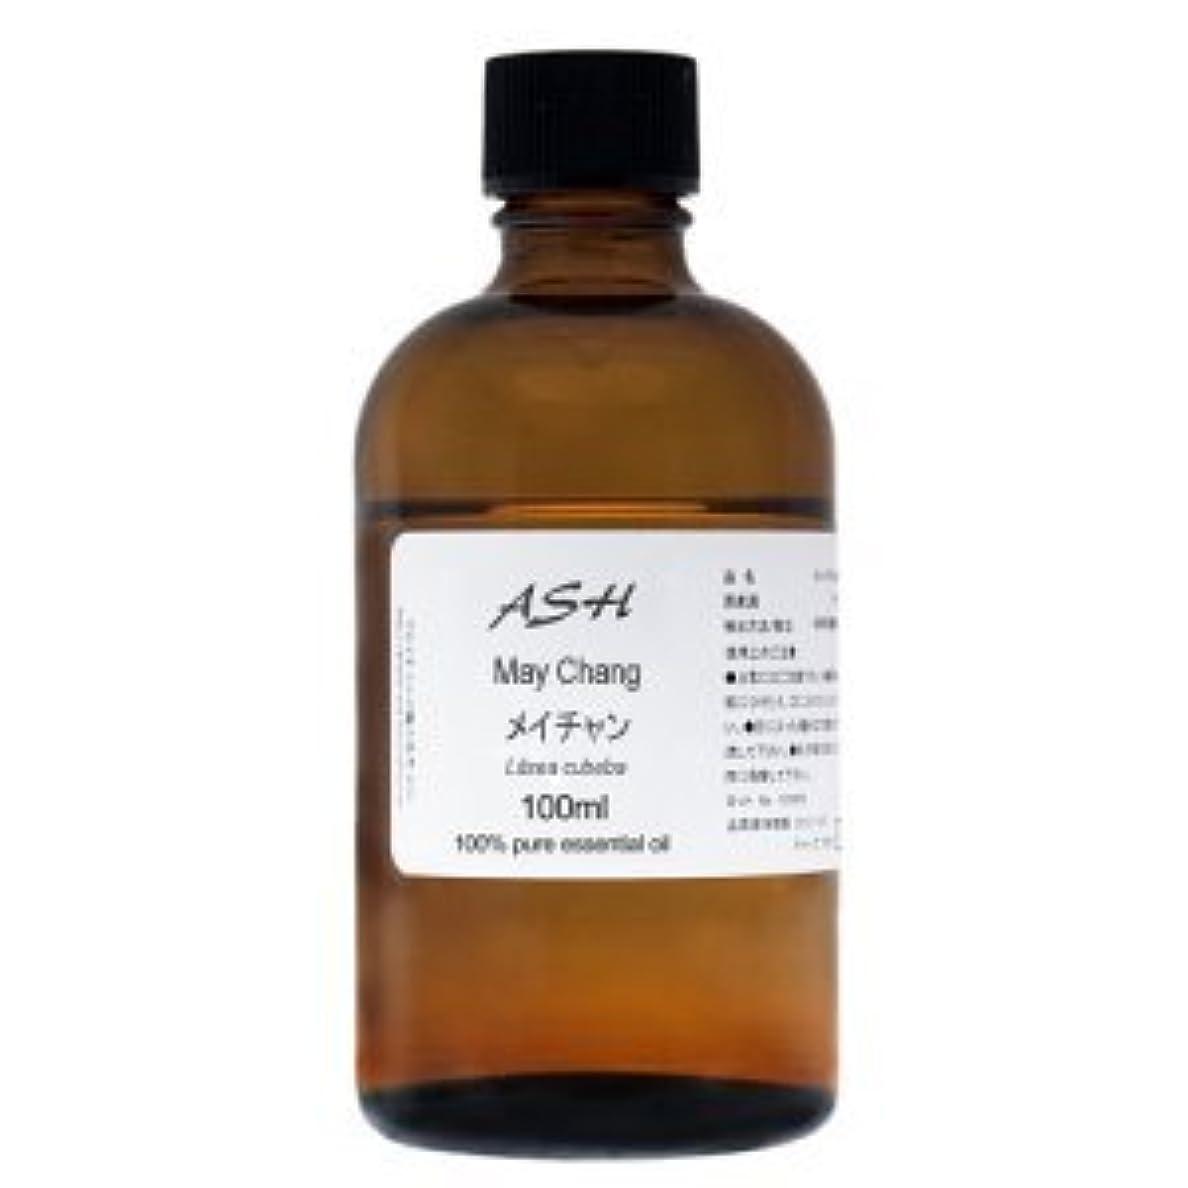 愛情深い専門知識理想的にはASH メイチャン エッセンシャルオイル 100ml AEAJ表示基準適合認定精油